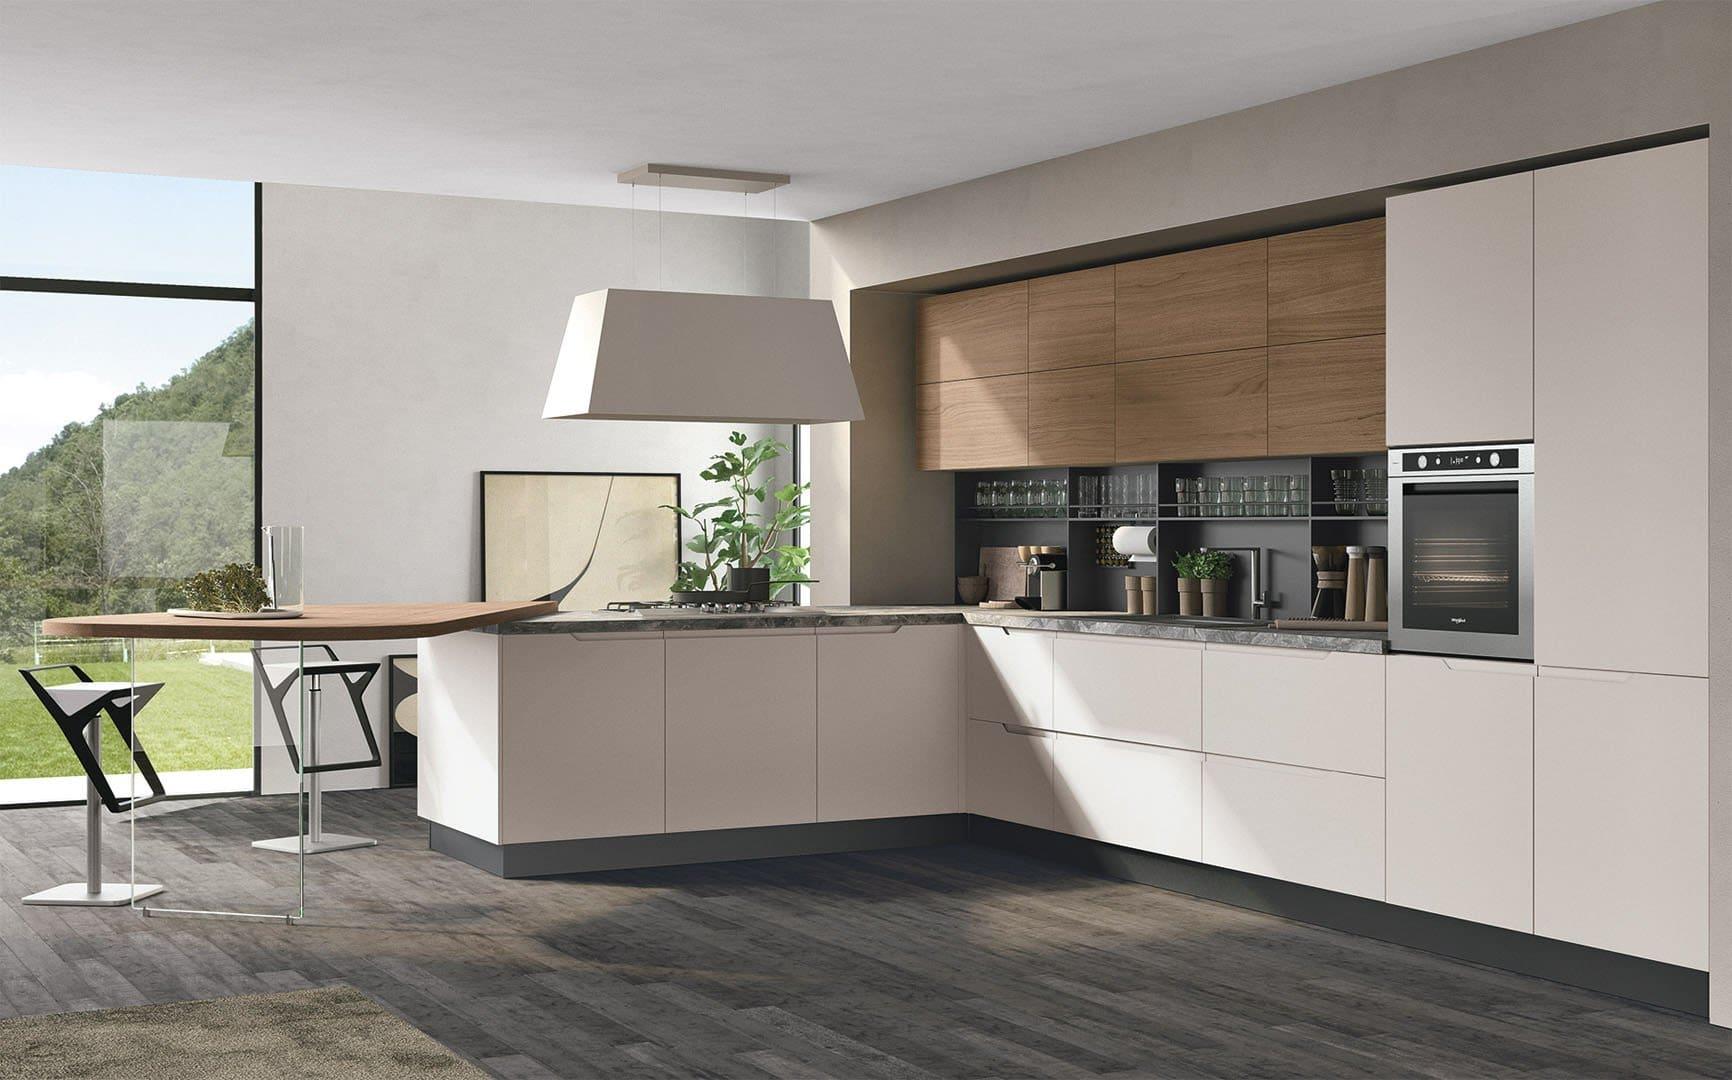 Cucine Lube Modell Luna. Küche mit Luna typischen Fronten.